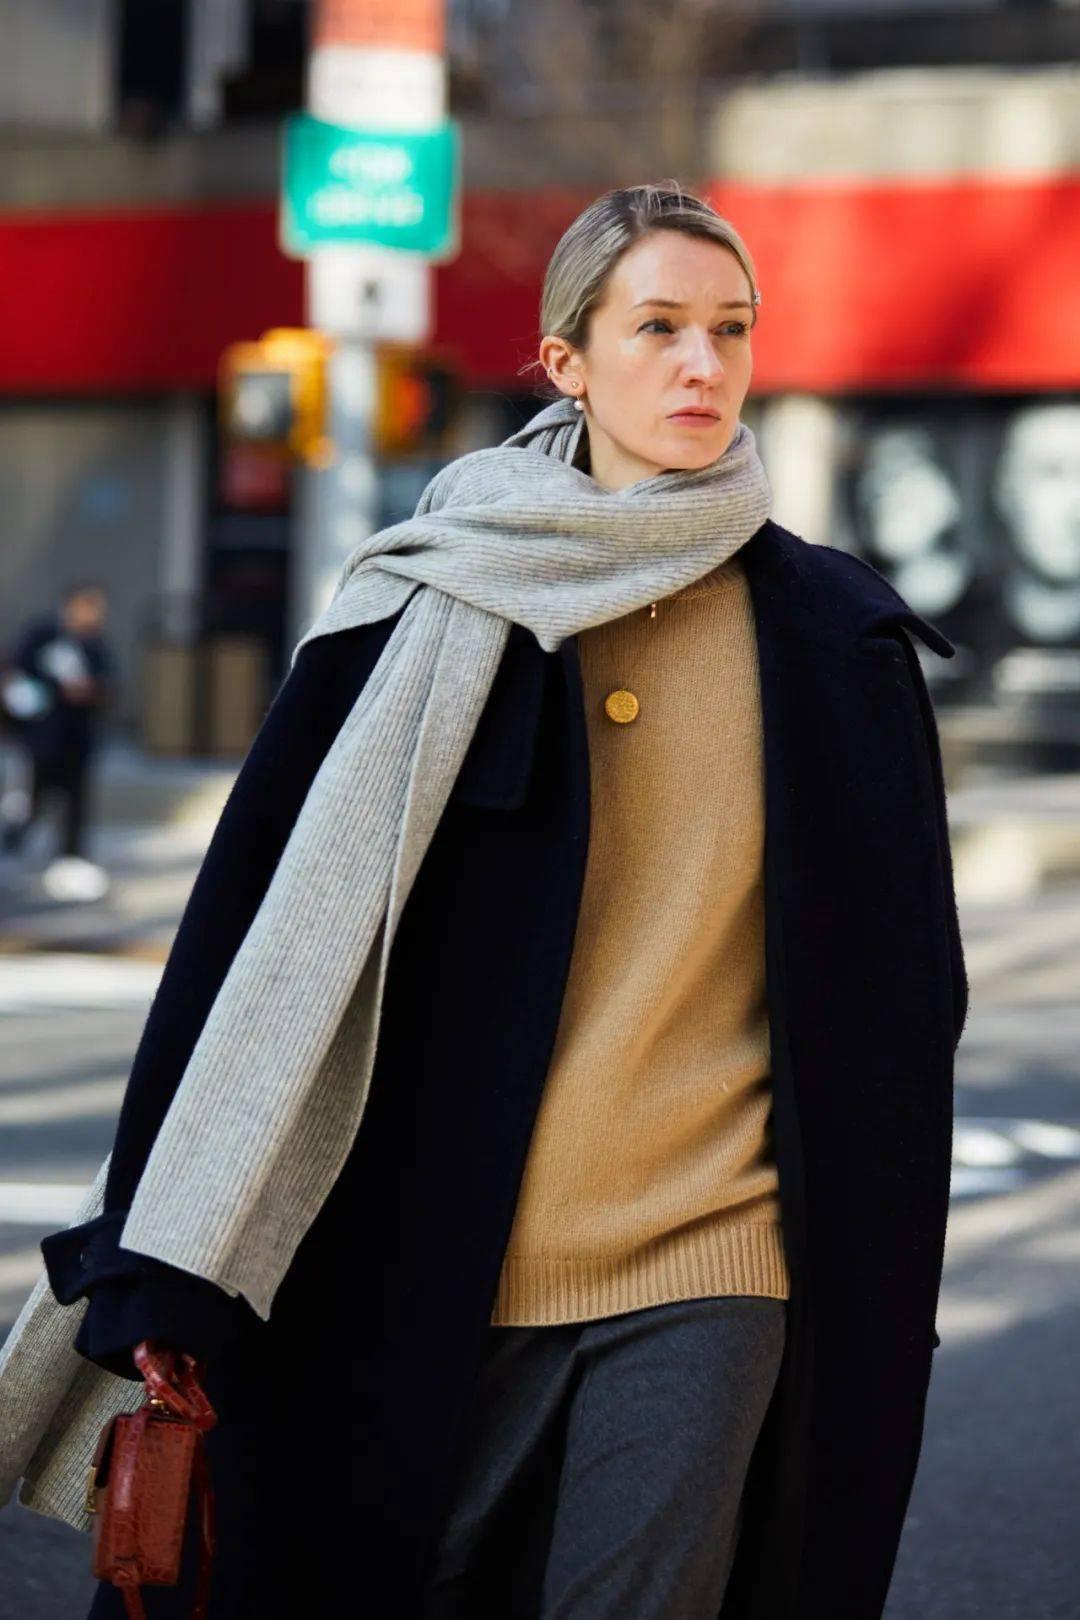 如果你想在冬天既时尚又保暖,那就只能靠这个单品了。